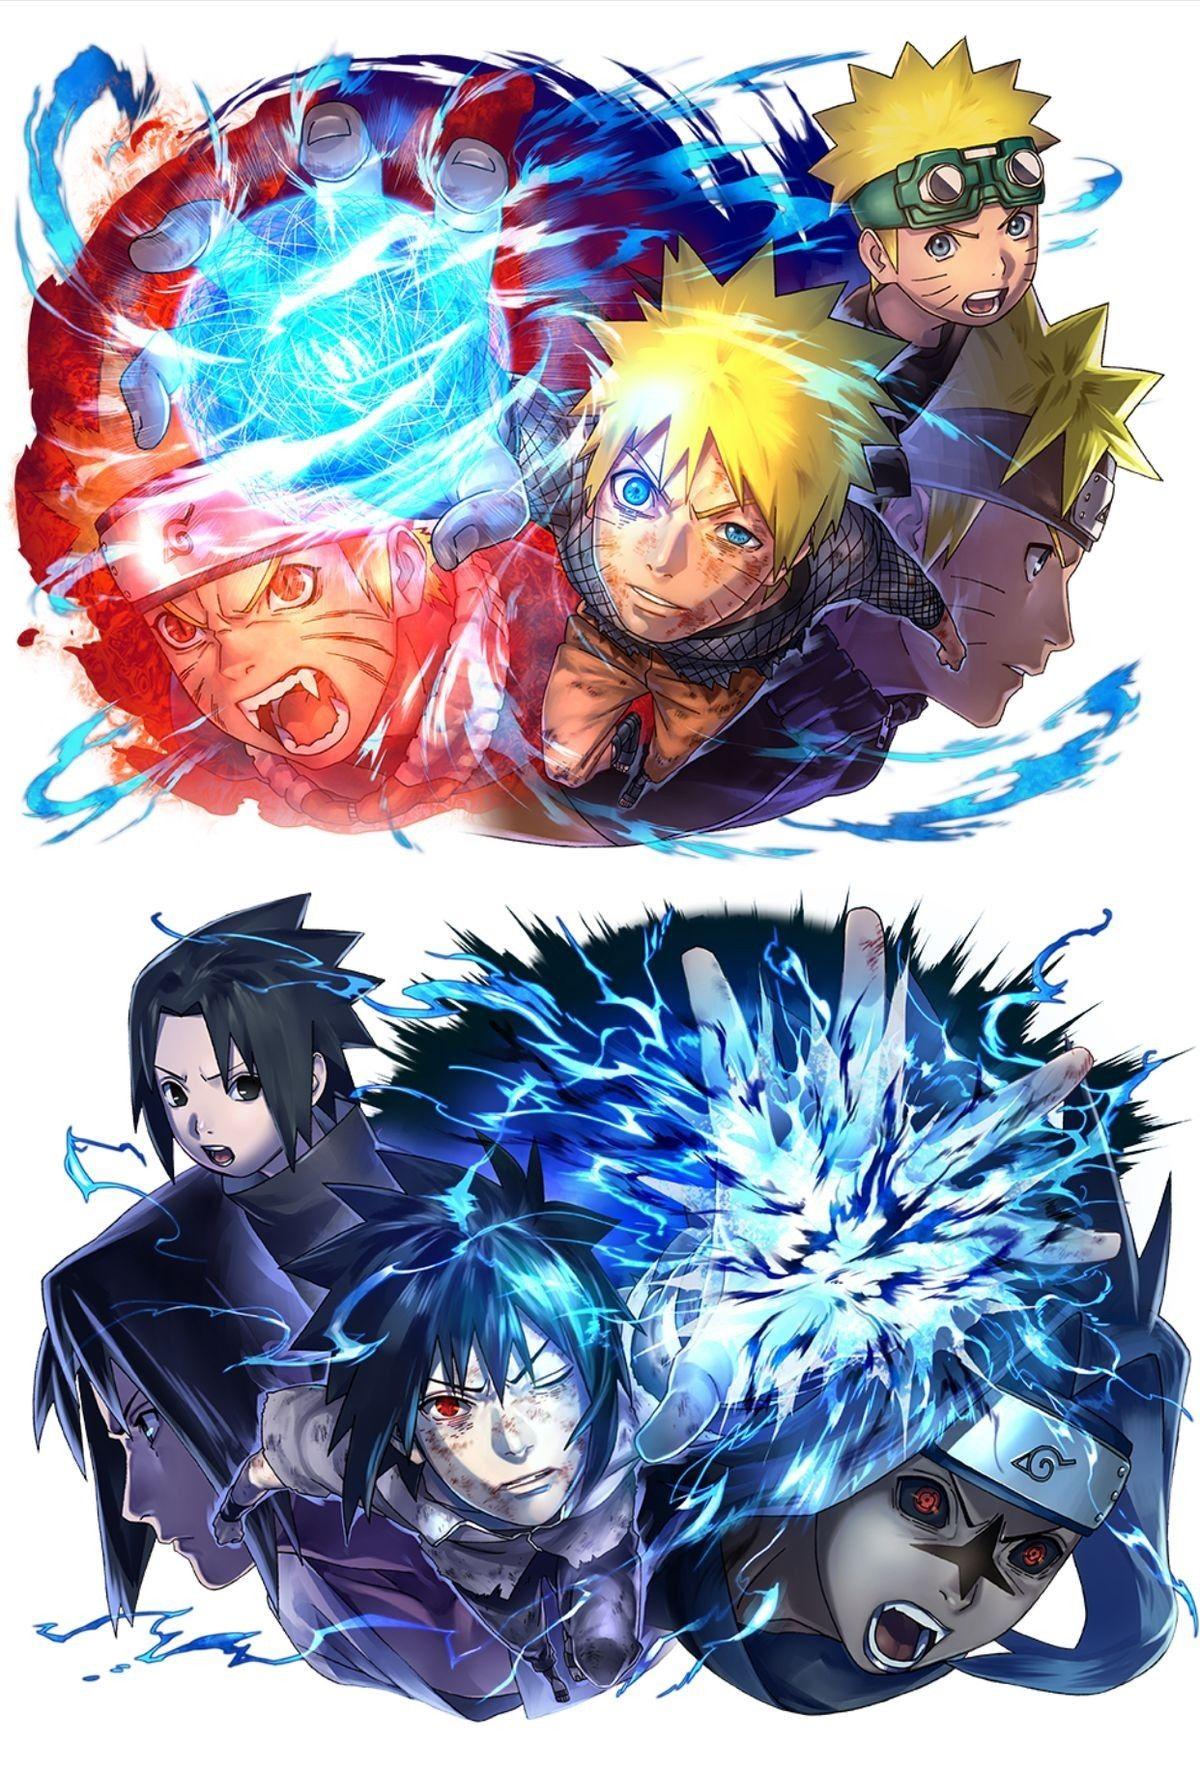 Naruto Sasuke Naruto Shippuden Anime Naruto Vs Sasuke Anime